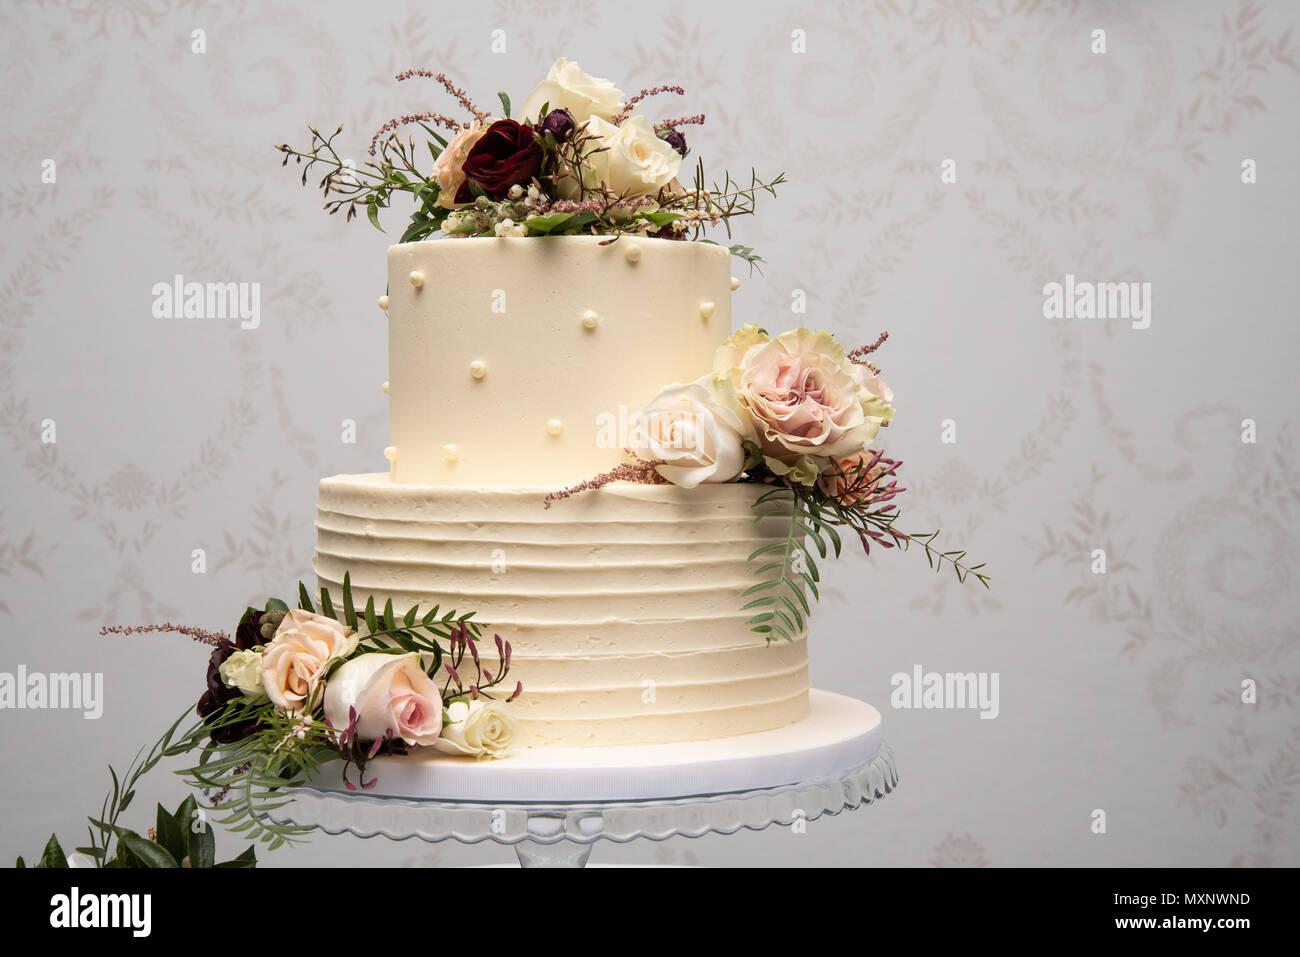 Gâteau de mariage Champagne avec des arrangements de fleurs jaune et rose Photo Stock